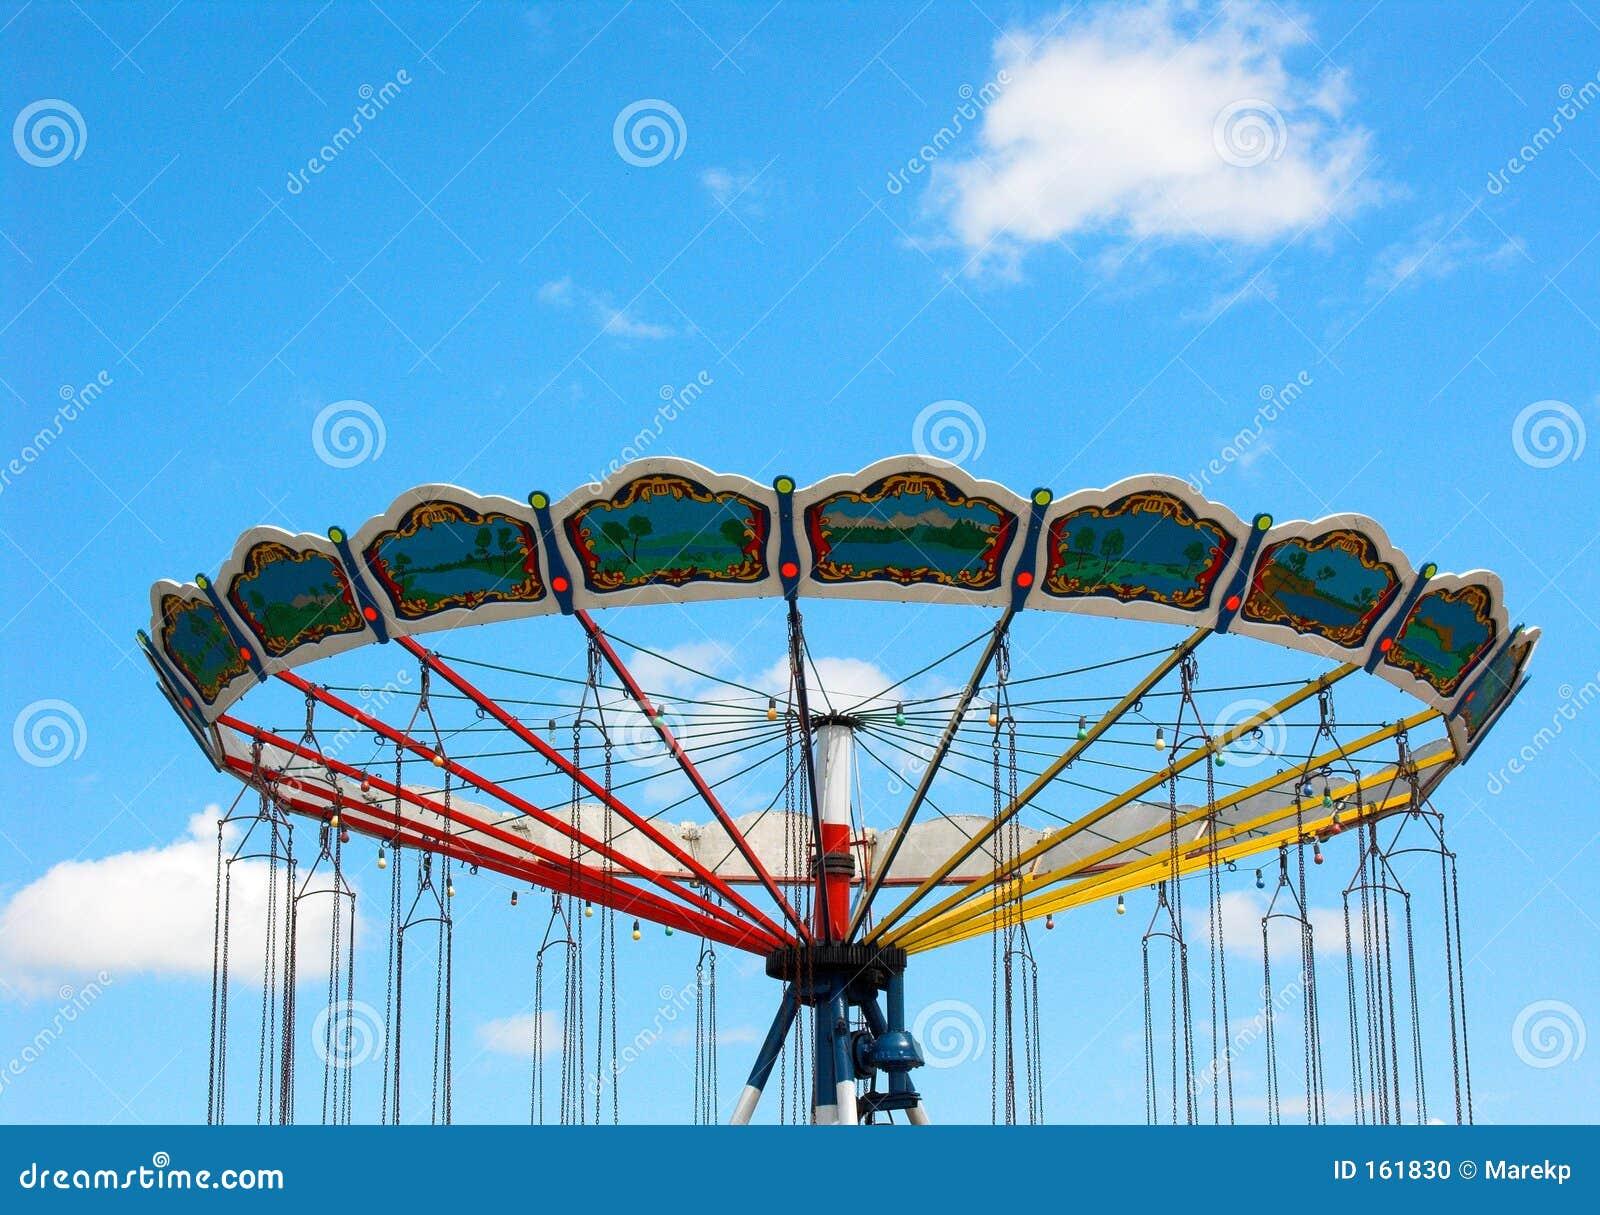 Empty carousel